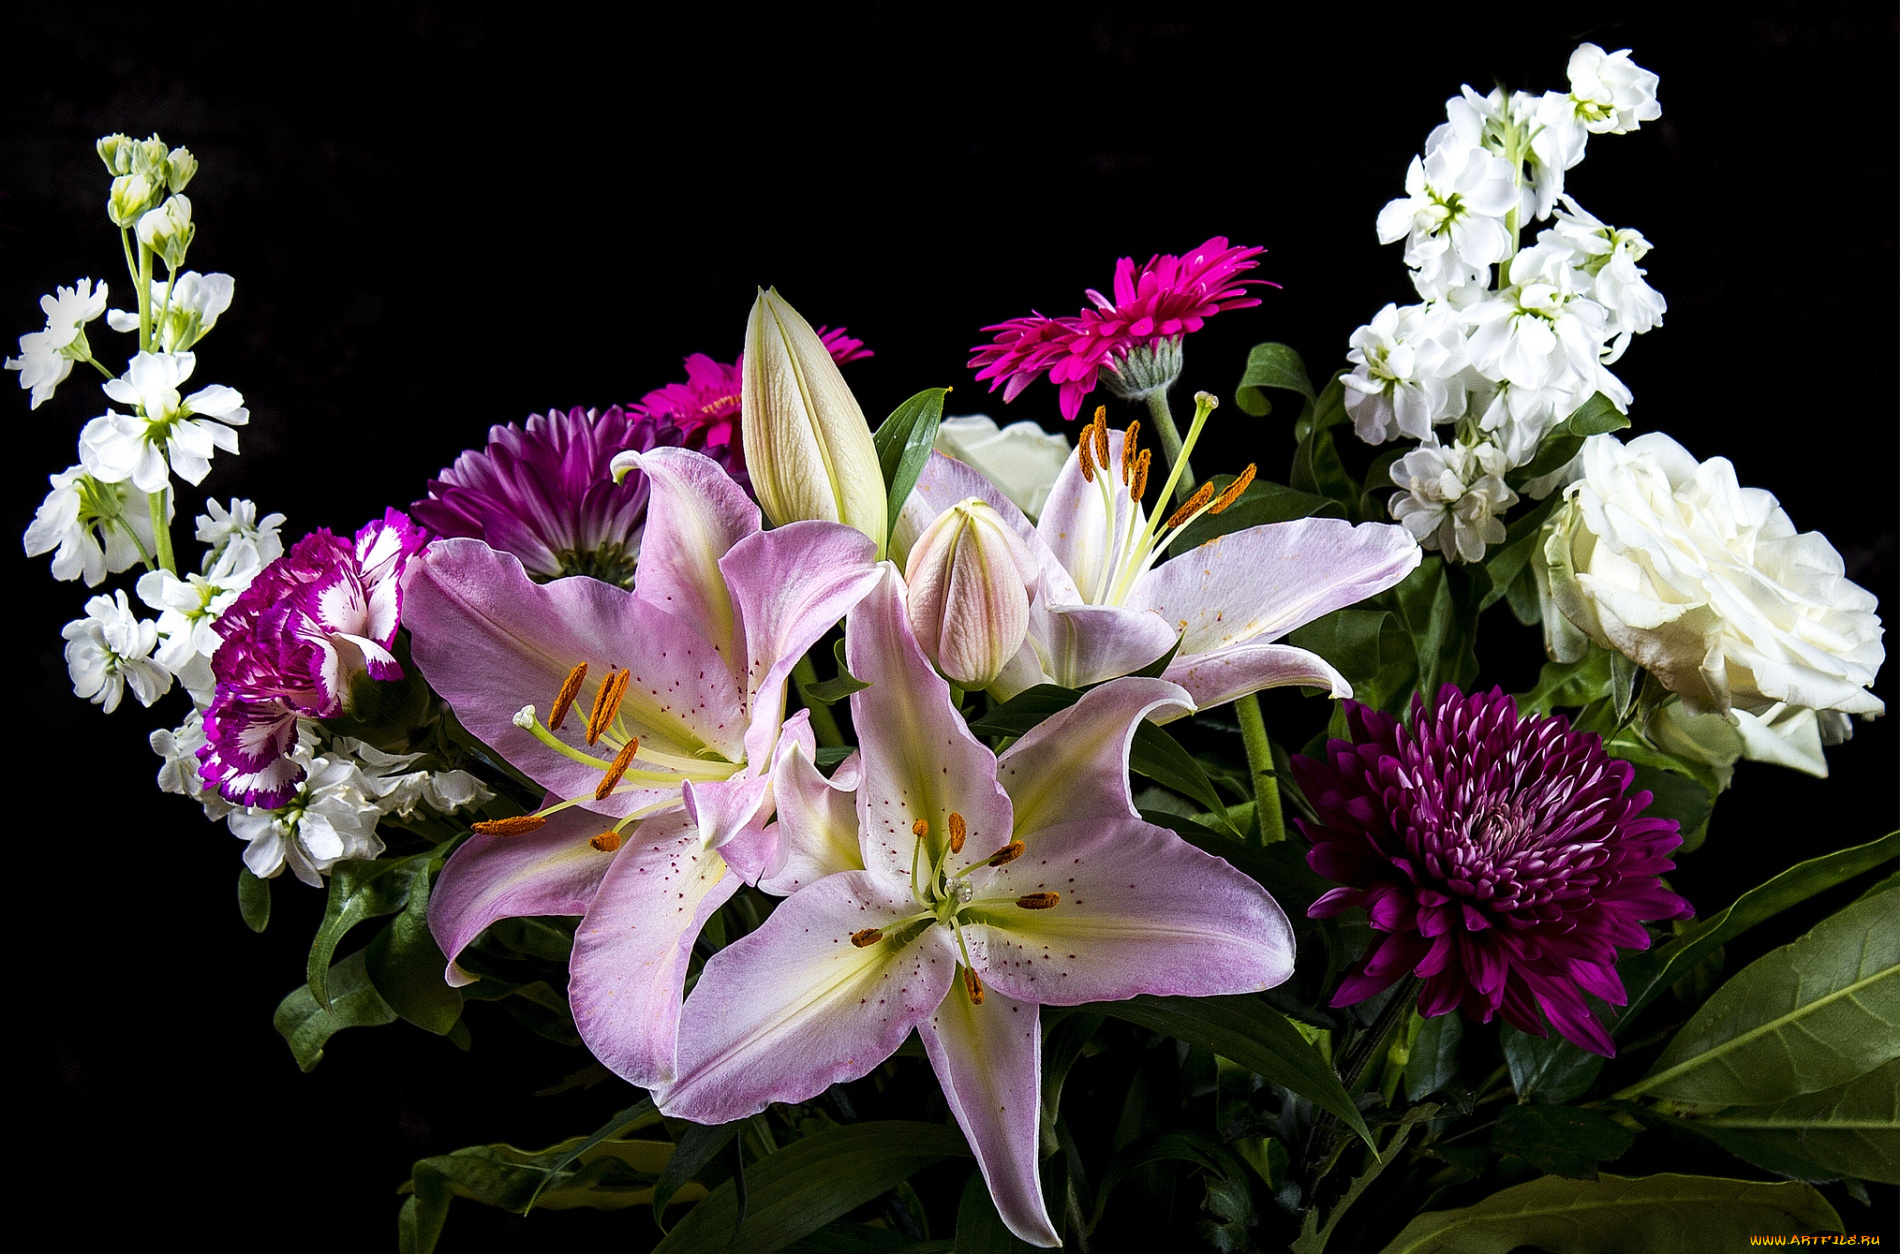 обои на рабочий стол букеты розы герберы лилии гвоздики № 172268 без смс